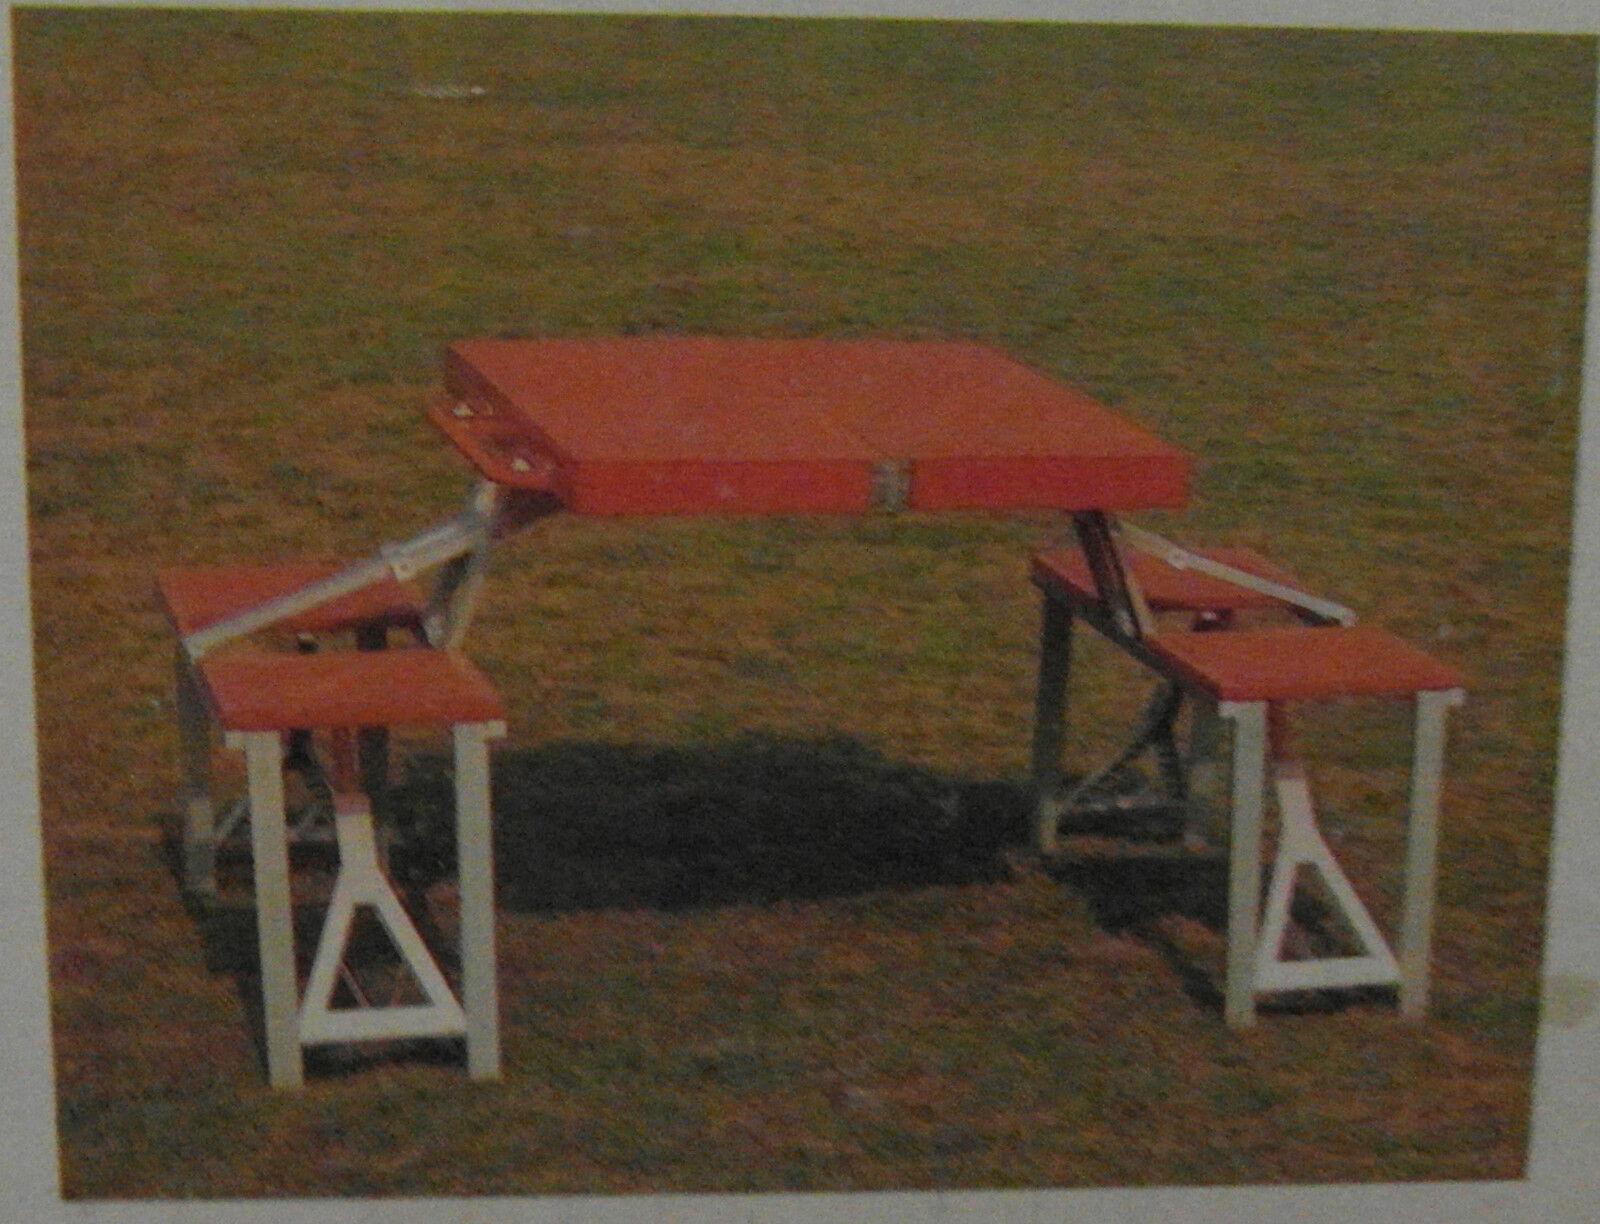 Camping-Set Tisch Bänke Bänke Bänke Kombination im Koffer für 4 Personen , NEU,OVP 47aa85